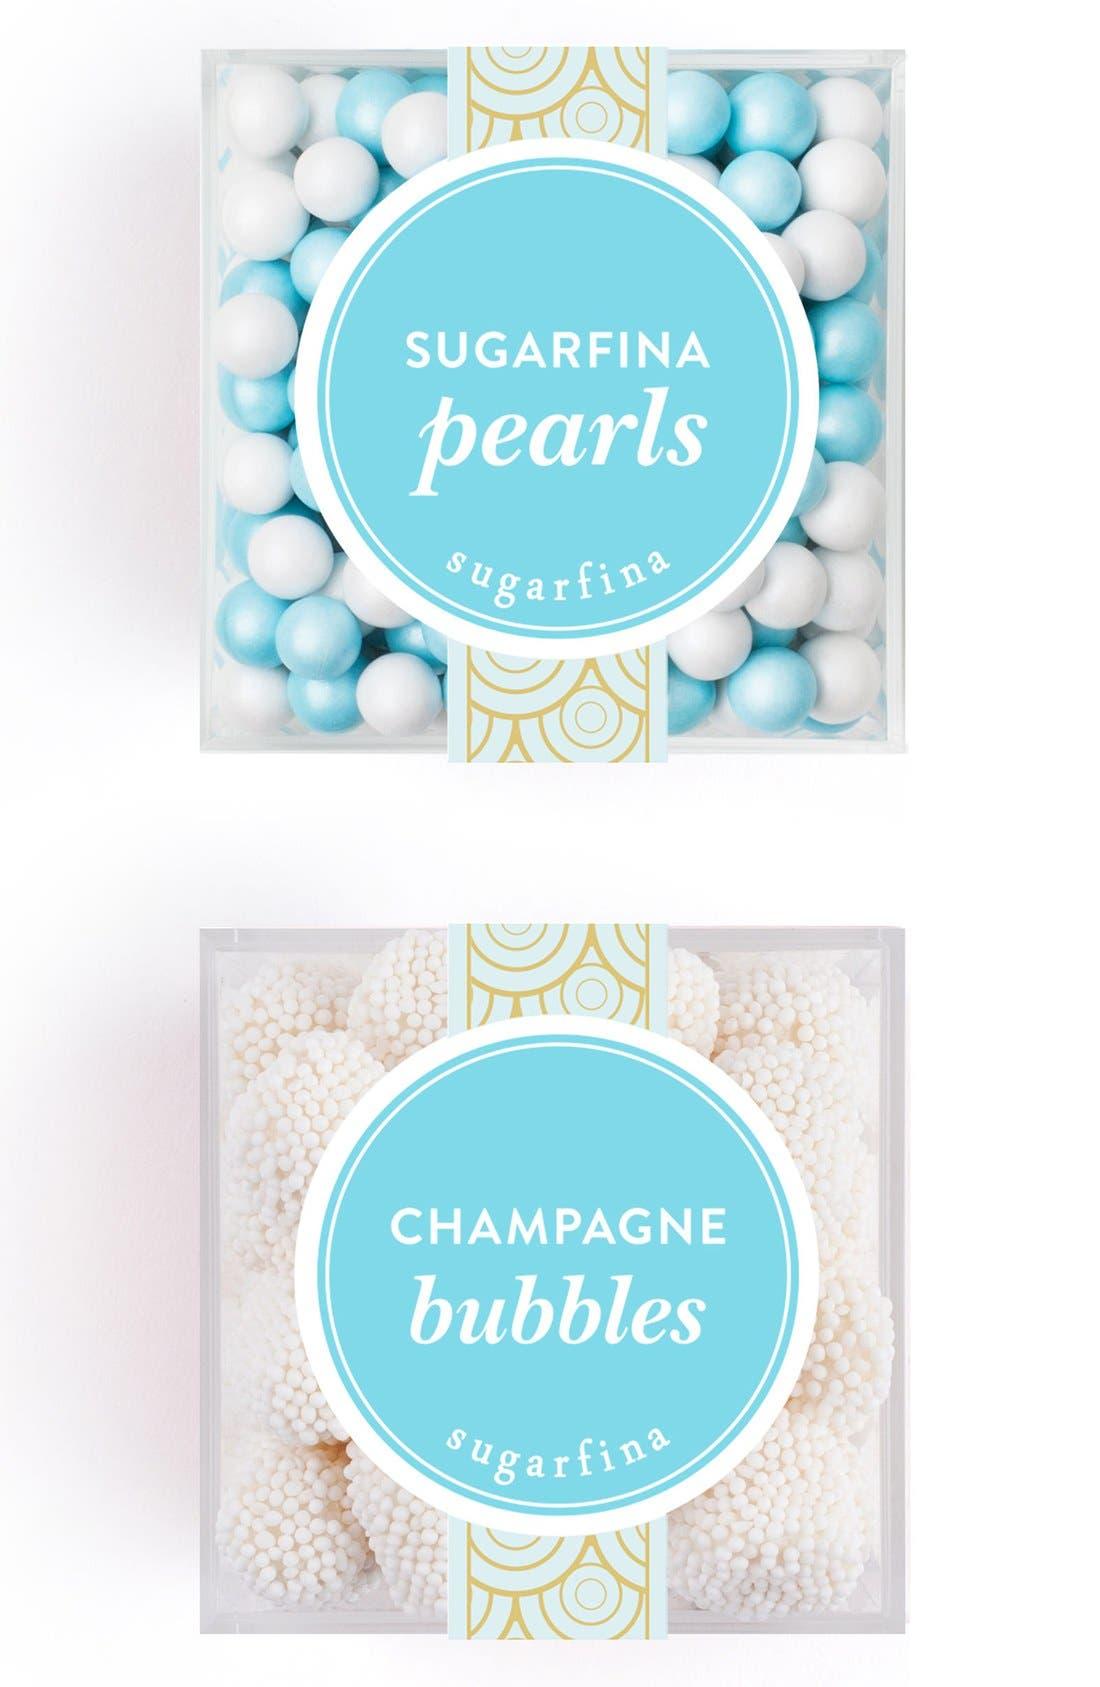 SUGARFINA Pearls & Champagne Bubbles Gift Box Set, Main, color, 400